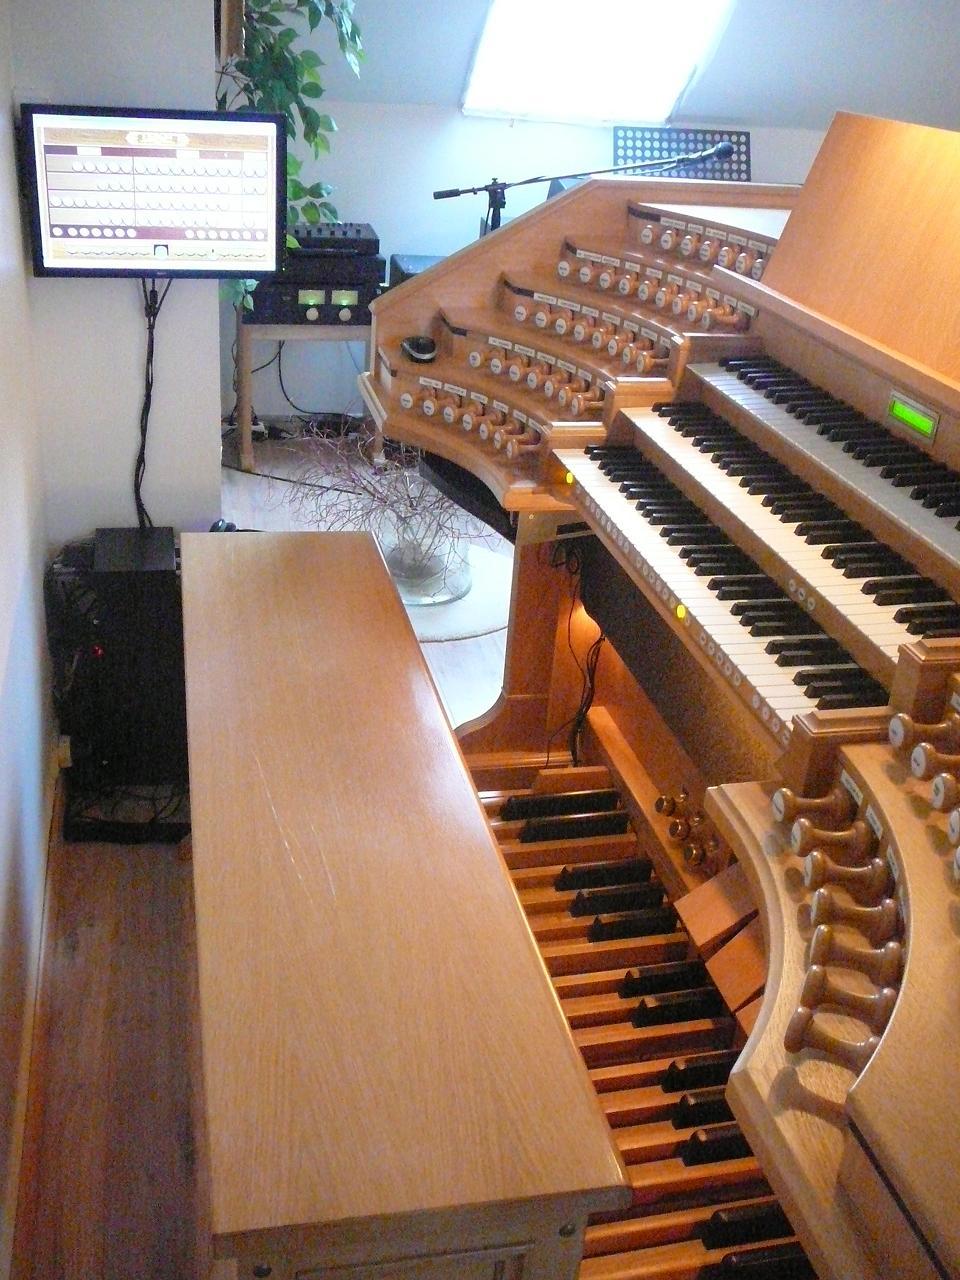 Création d'une console d'orgue virtuel (màj 24/01/2012) - Page 4 KoenVanDammeDetail